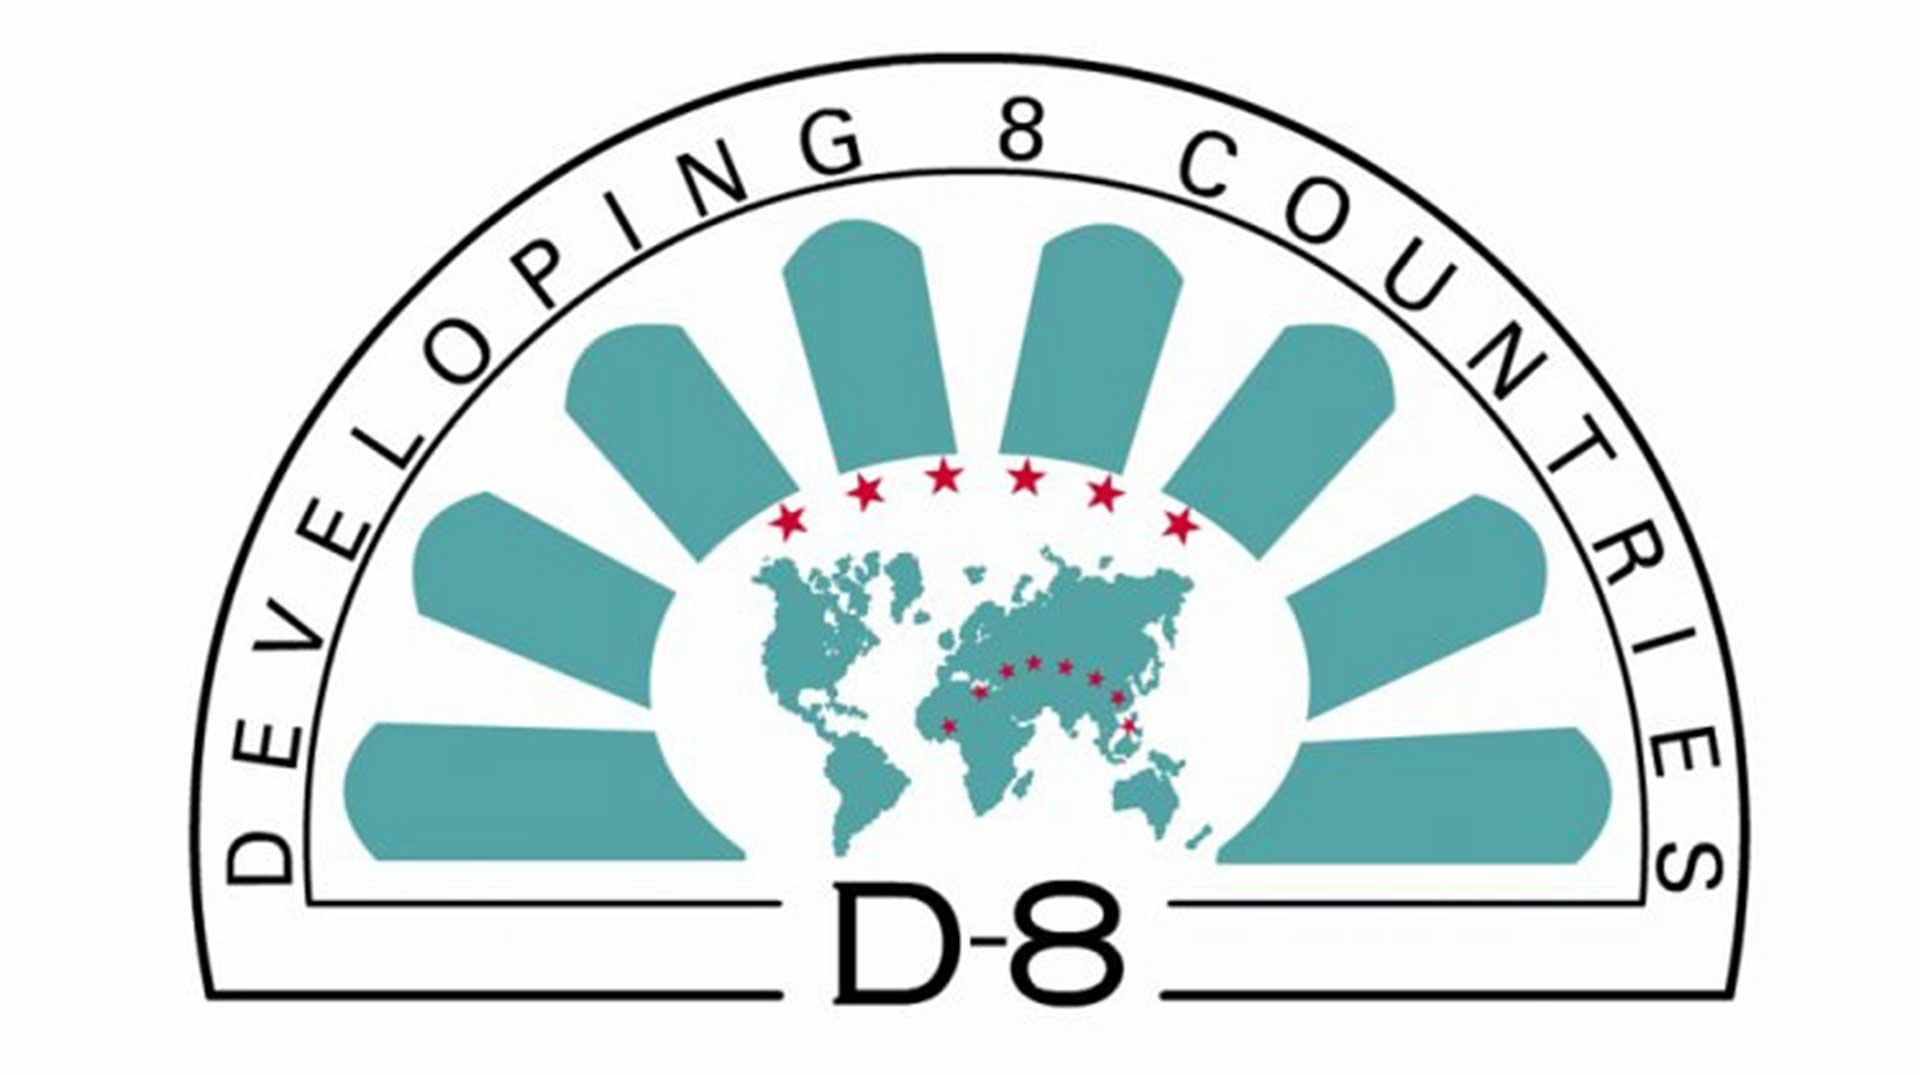 D-8 İlaç ve Tıbbi Cihaz Görev Gücü Toplantısı Nijerya'da